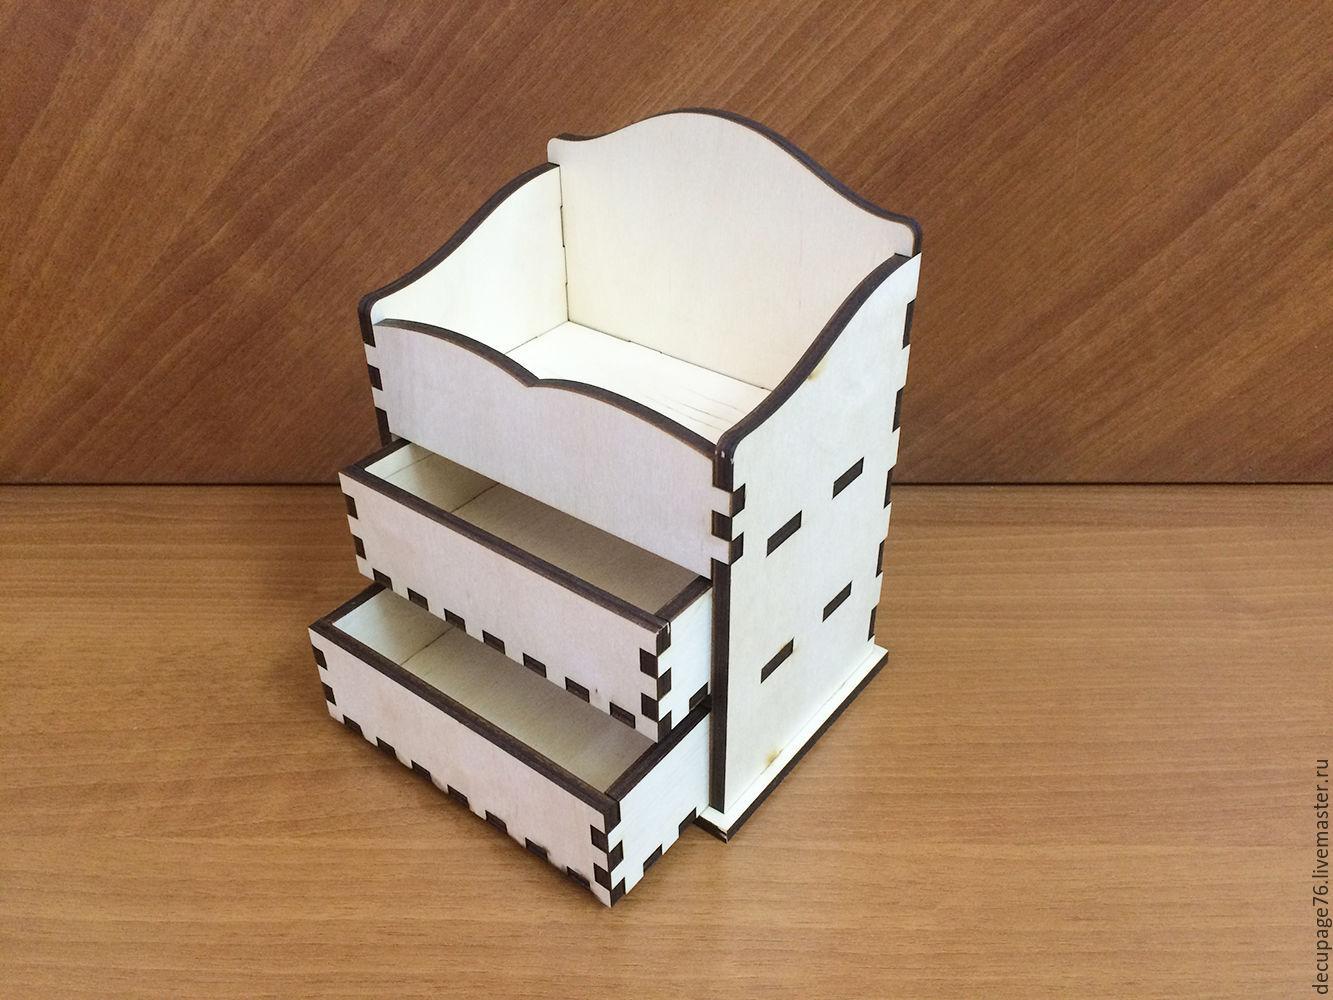 Комод на 2 ящика (продается в разобранном виде) Не комплектуется фурнитурой, Габарит комода: 10х15х20 см